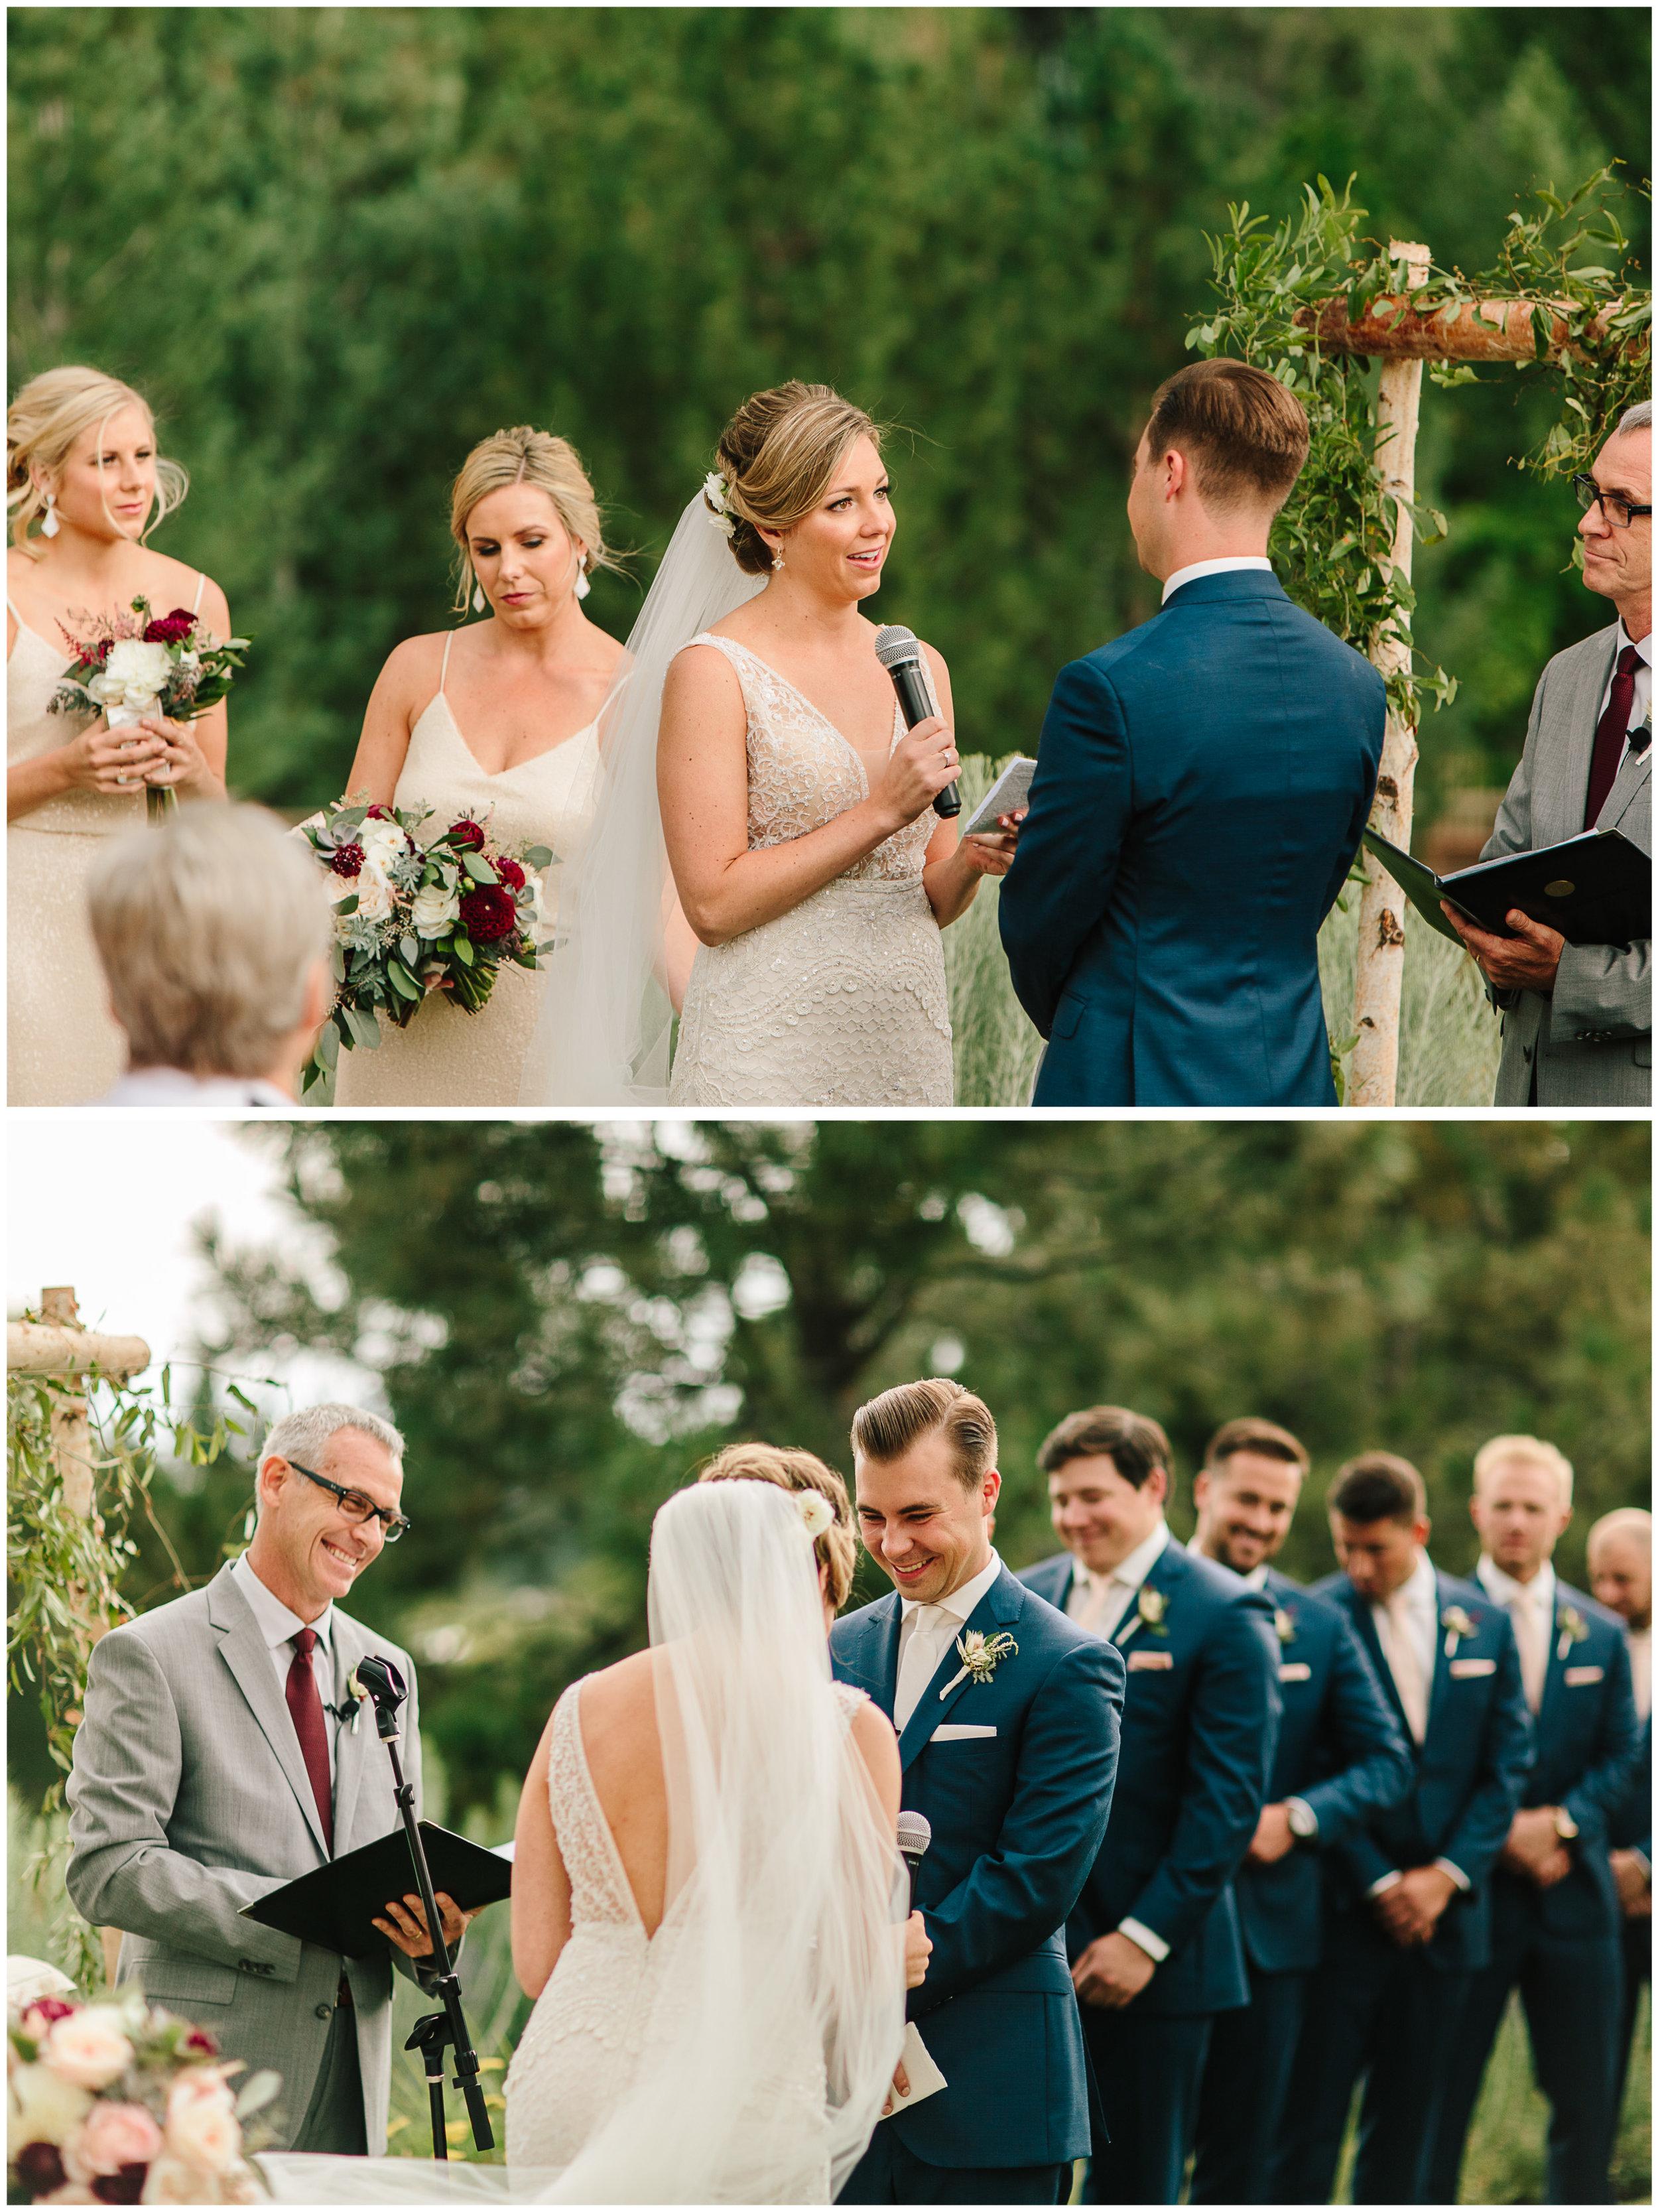 cherry_hills_village_wedding_65.jpg